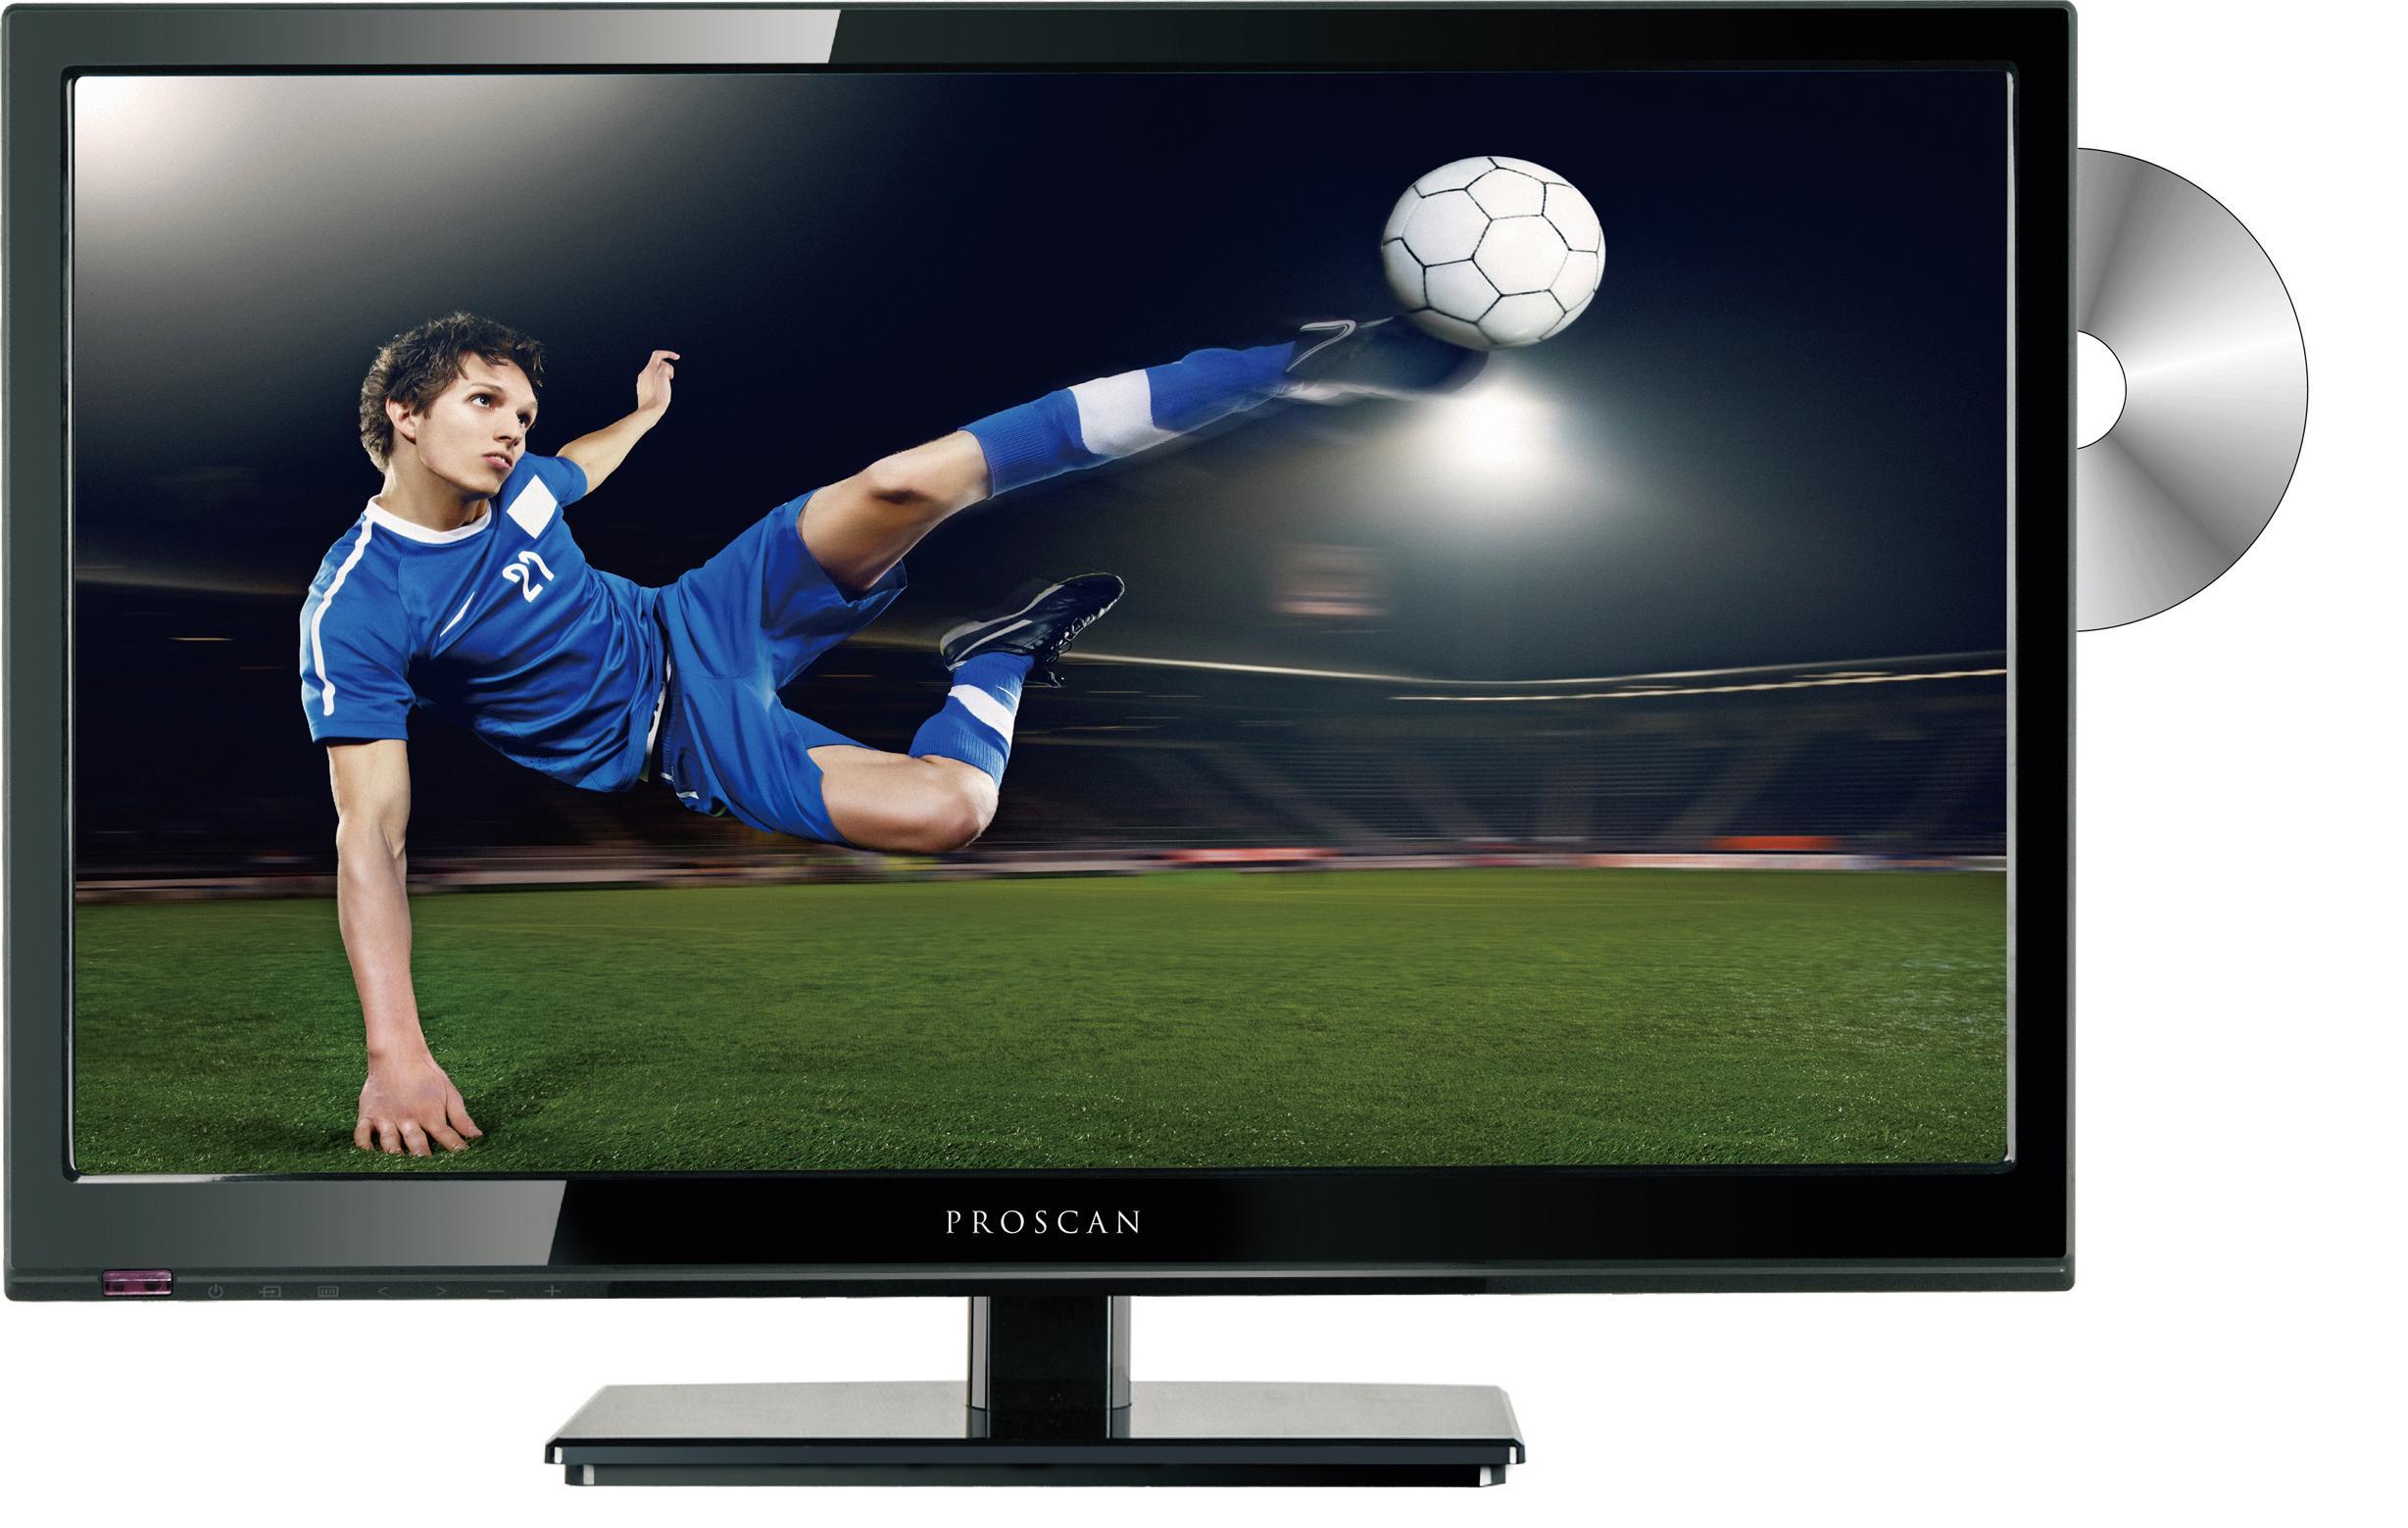 proscan pledv2213 22 inch 1080p 60hz led tv. Black Bedroom Furniture Sets. Home Design Ideas